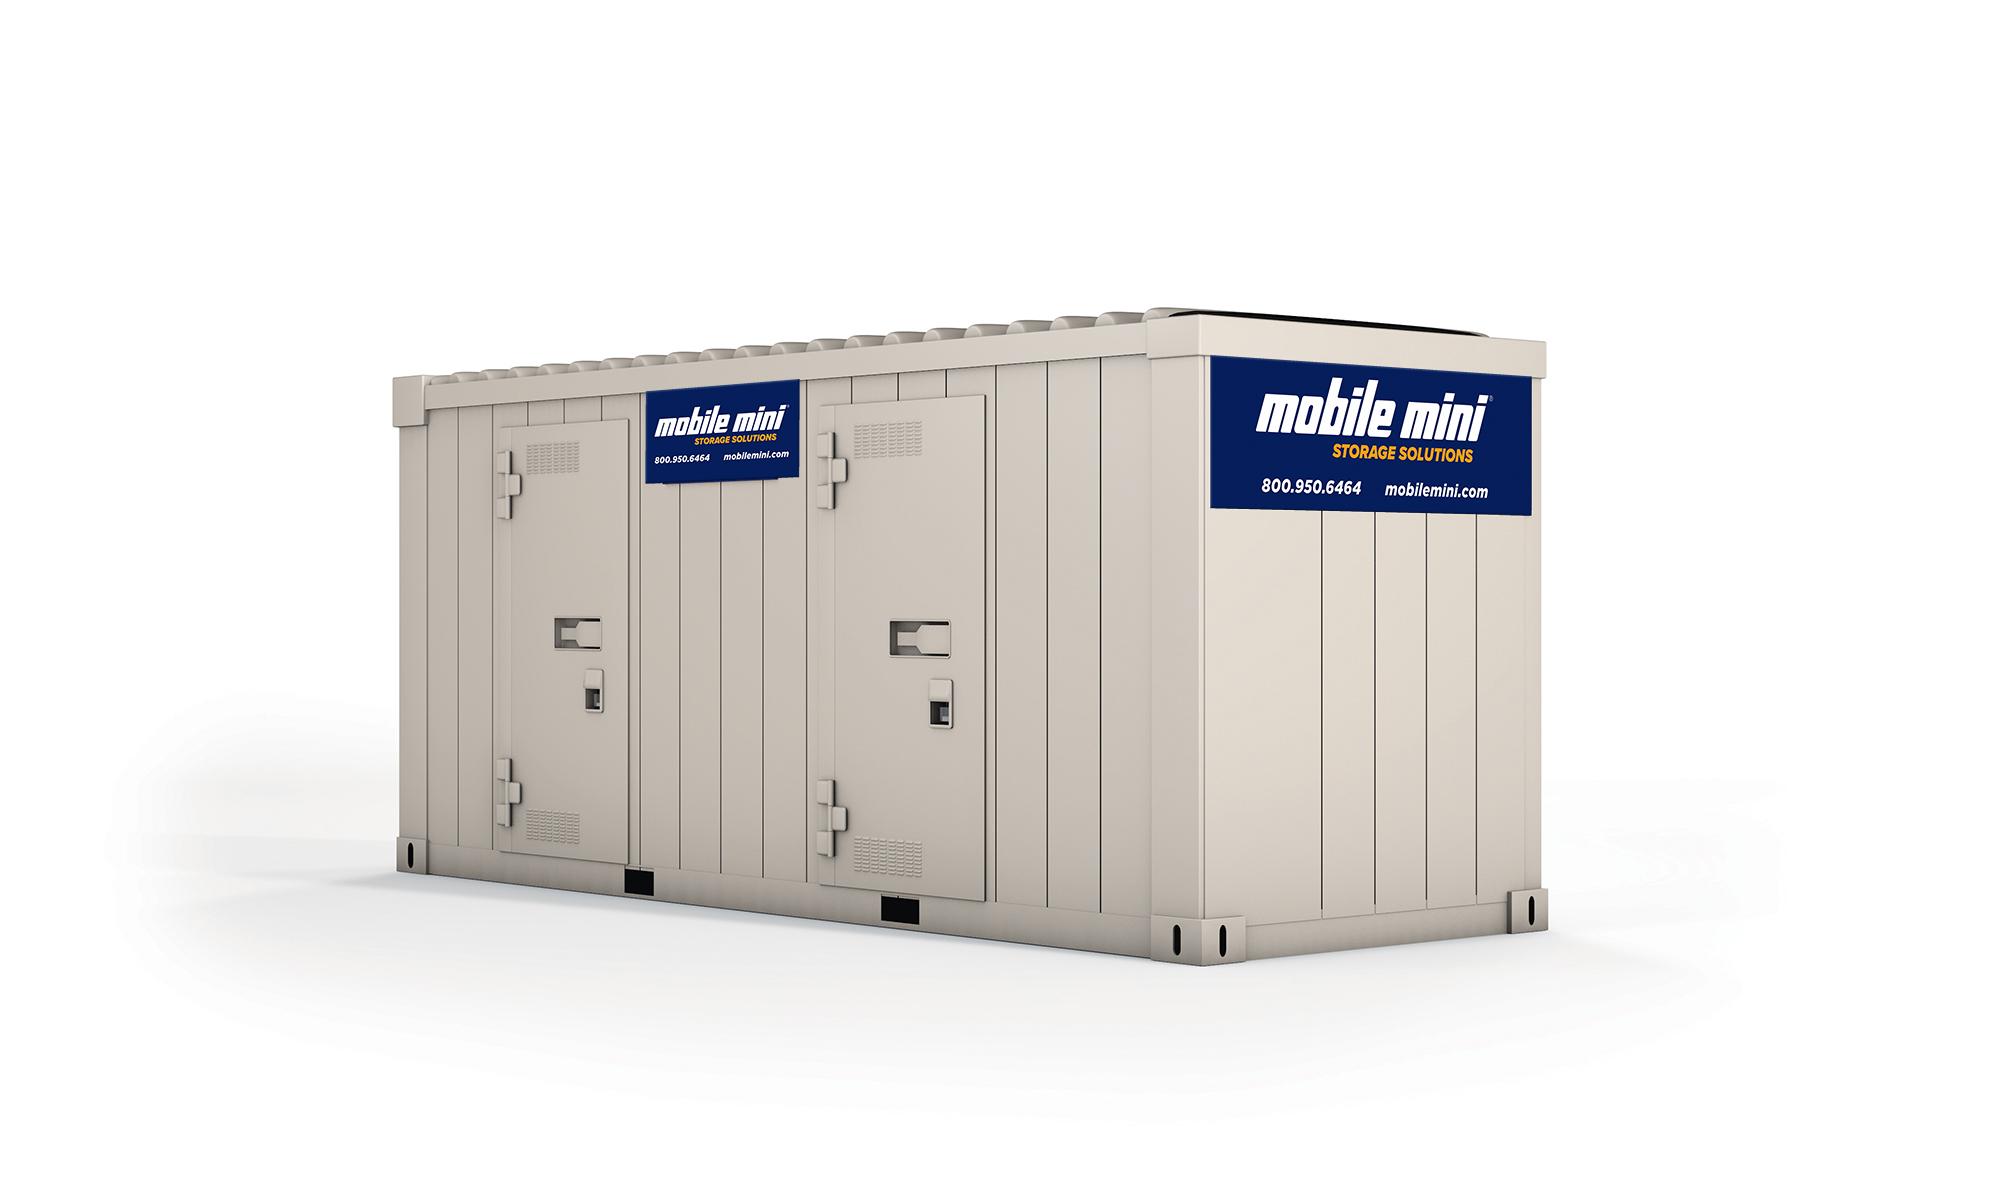 mobile mini container